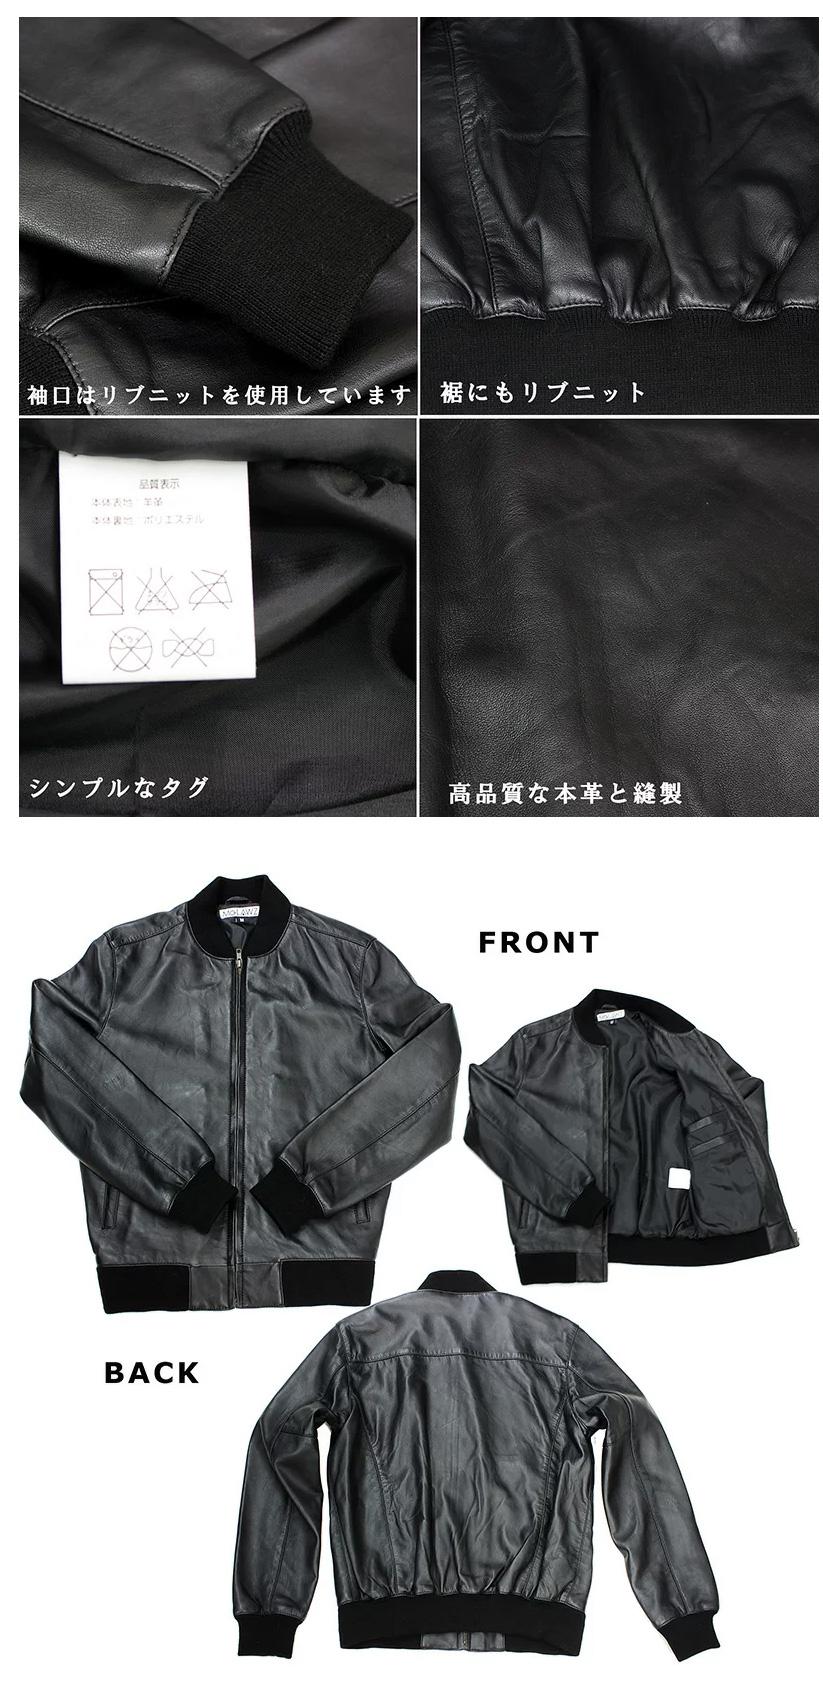 本革ジャケットの置き撮影の写真